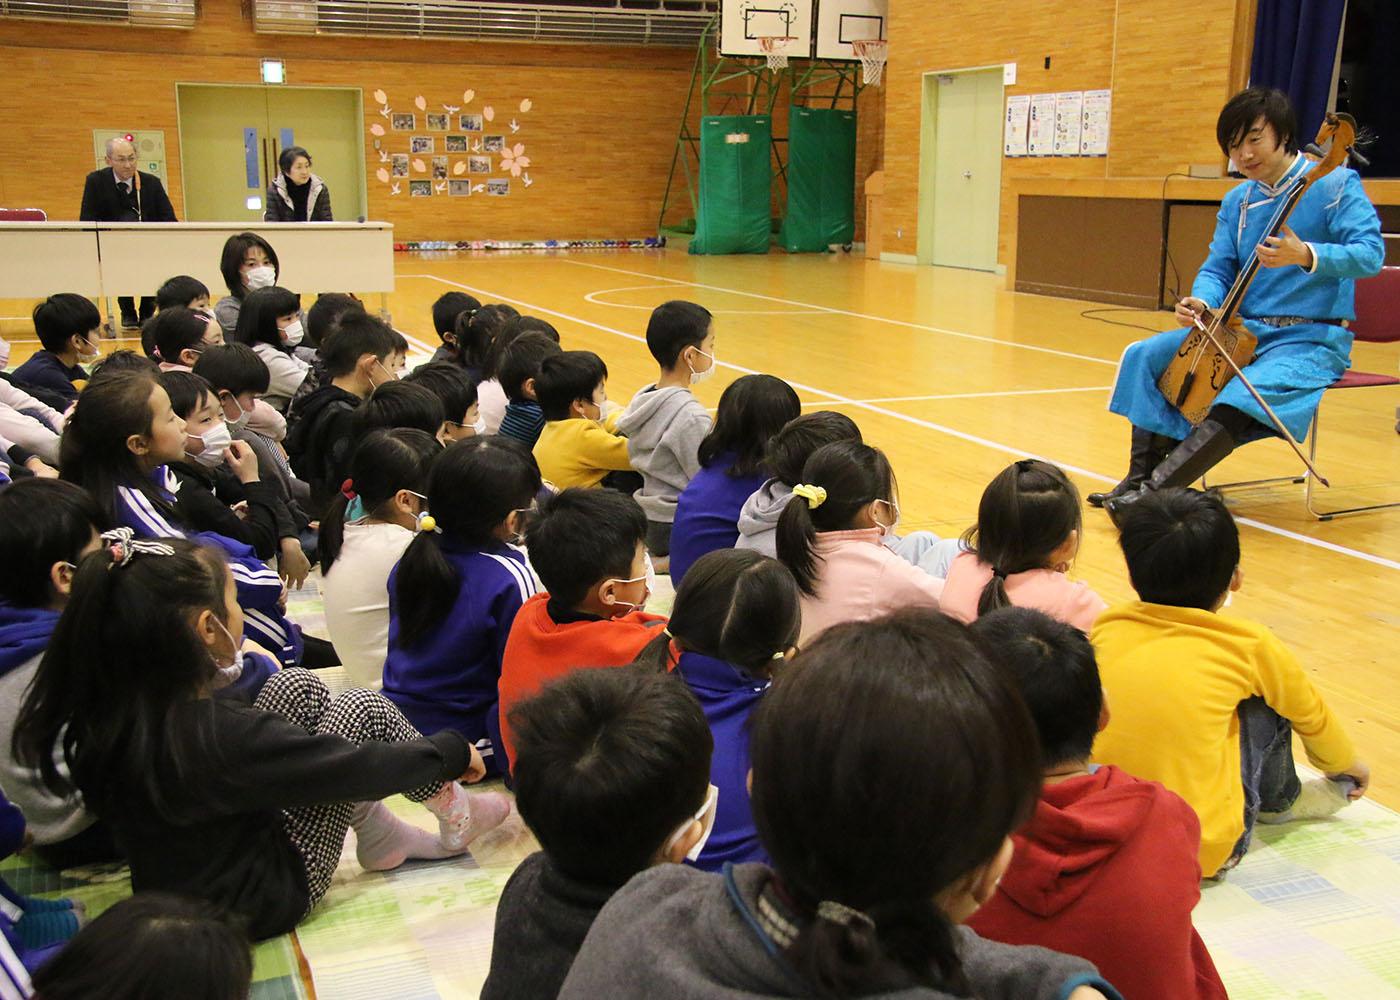 3f4d707b5b 平泉町立平泉小学校で15日、日本で活躍する中国・内モンゴル自治区出身の馬頭琴奏者セーンジャー(賽音吉雅)さんの演奏会が開かれた。モンゴルを代表する民族  ...